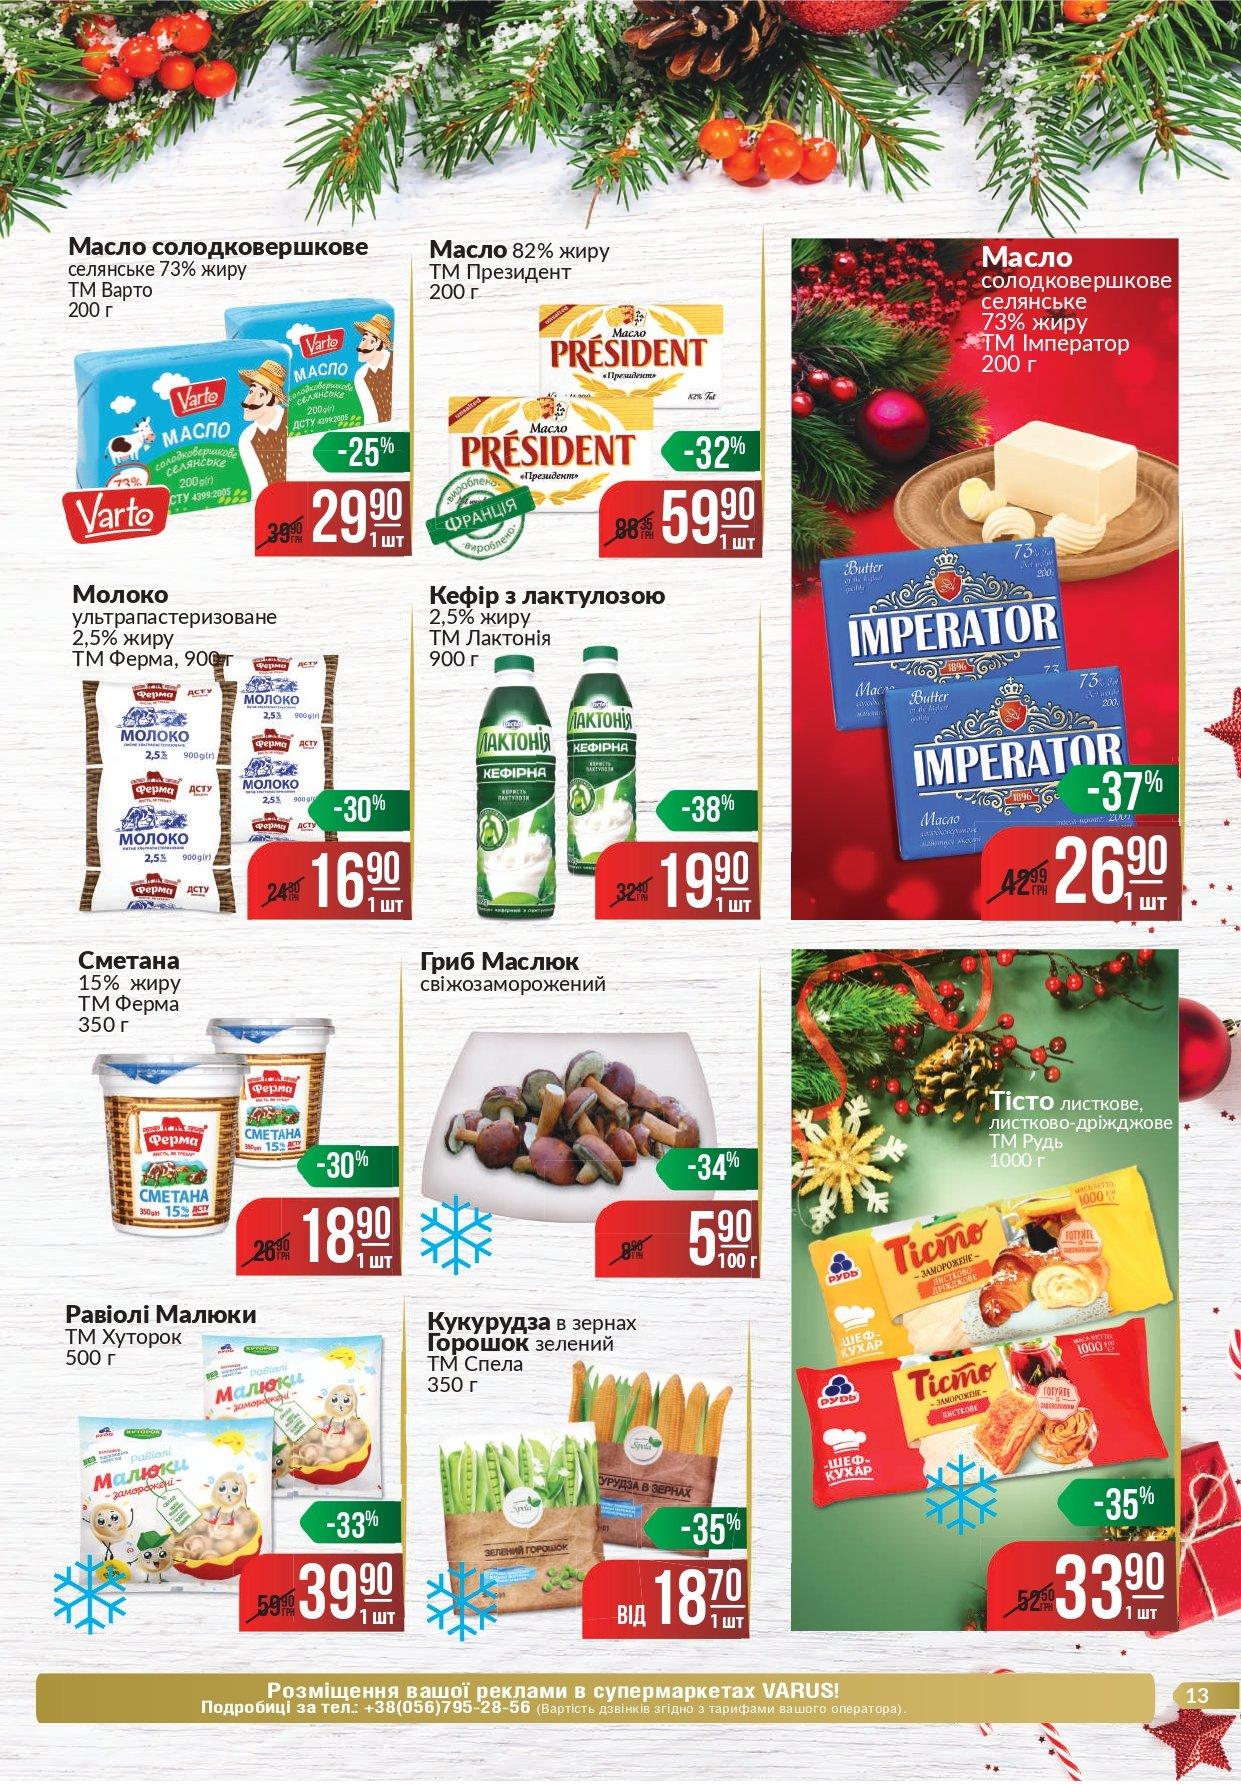 Делаем покупки к Новому Году: какие акции действуют в супермаркетах Днепра, - ЦЕНЫ, фото-42